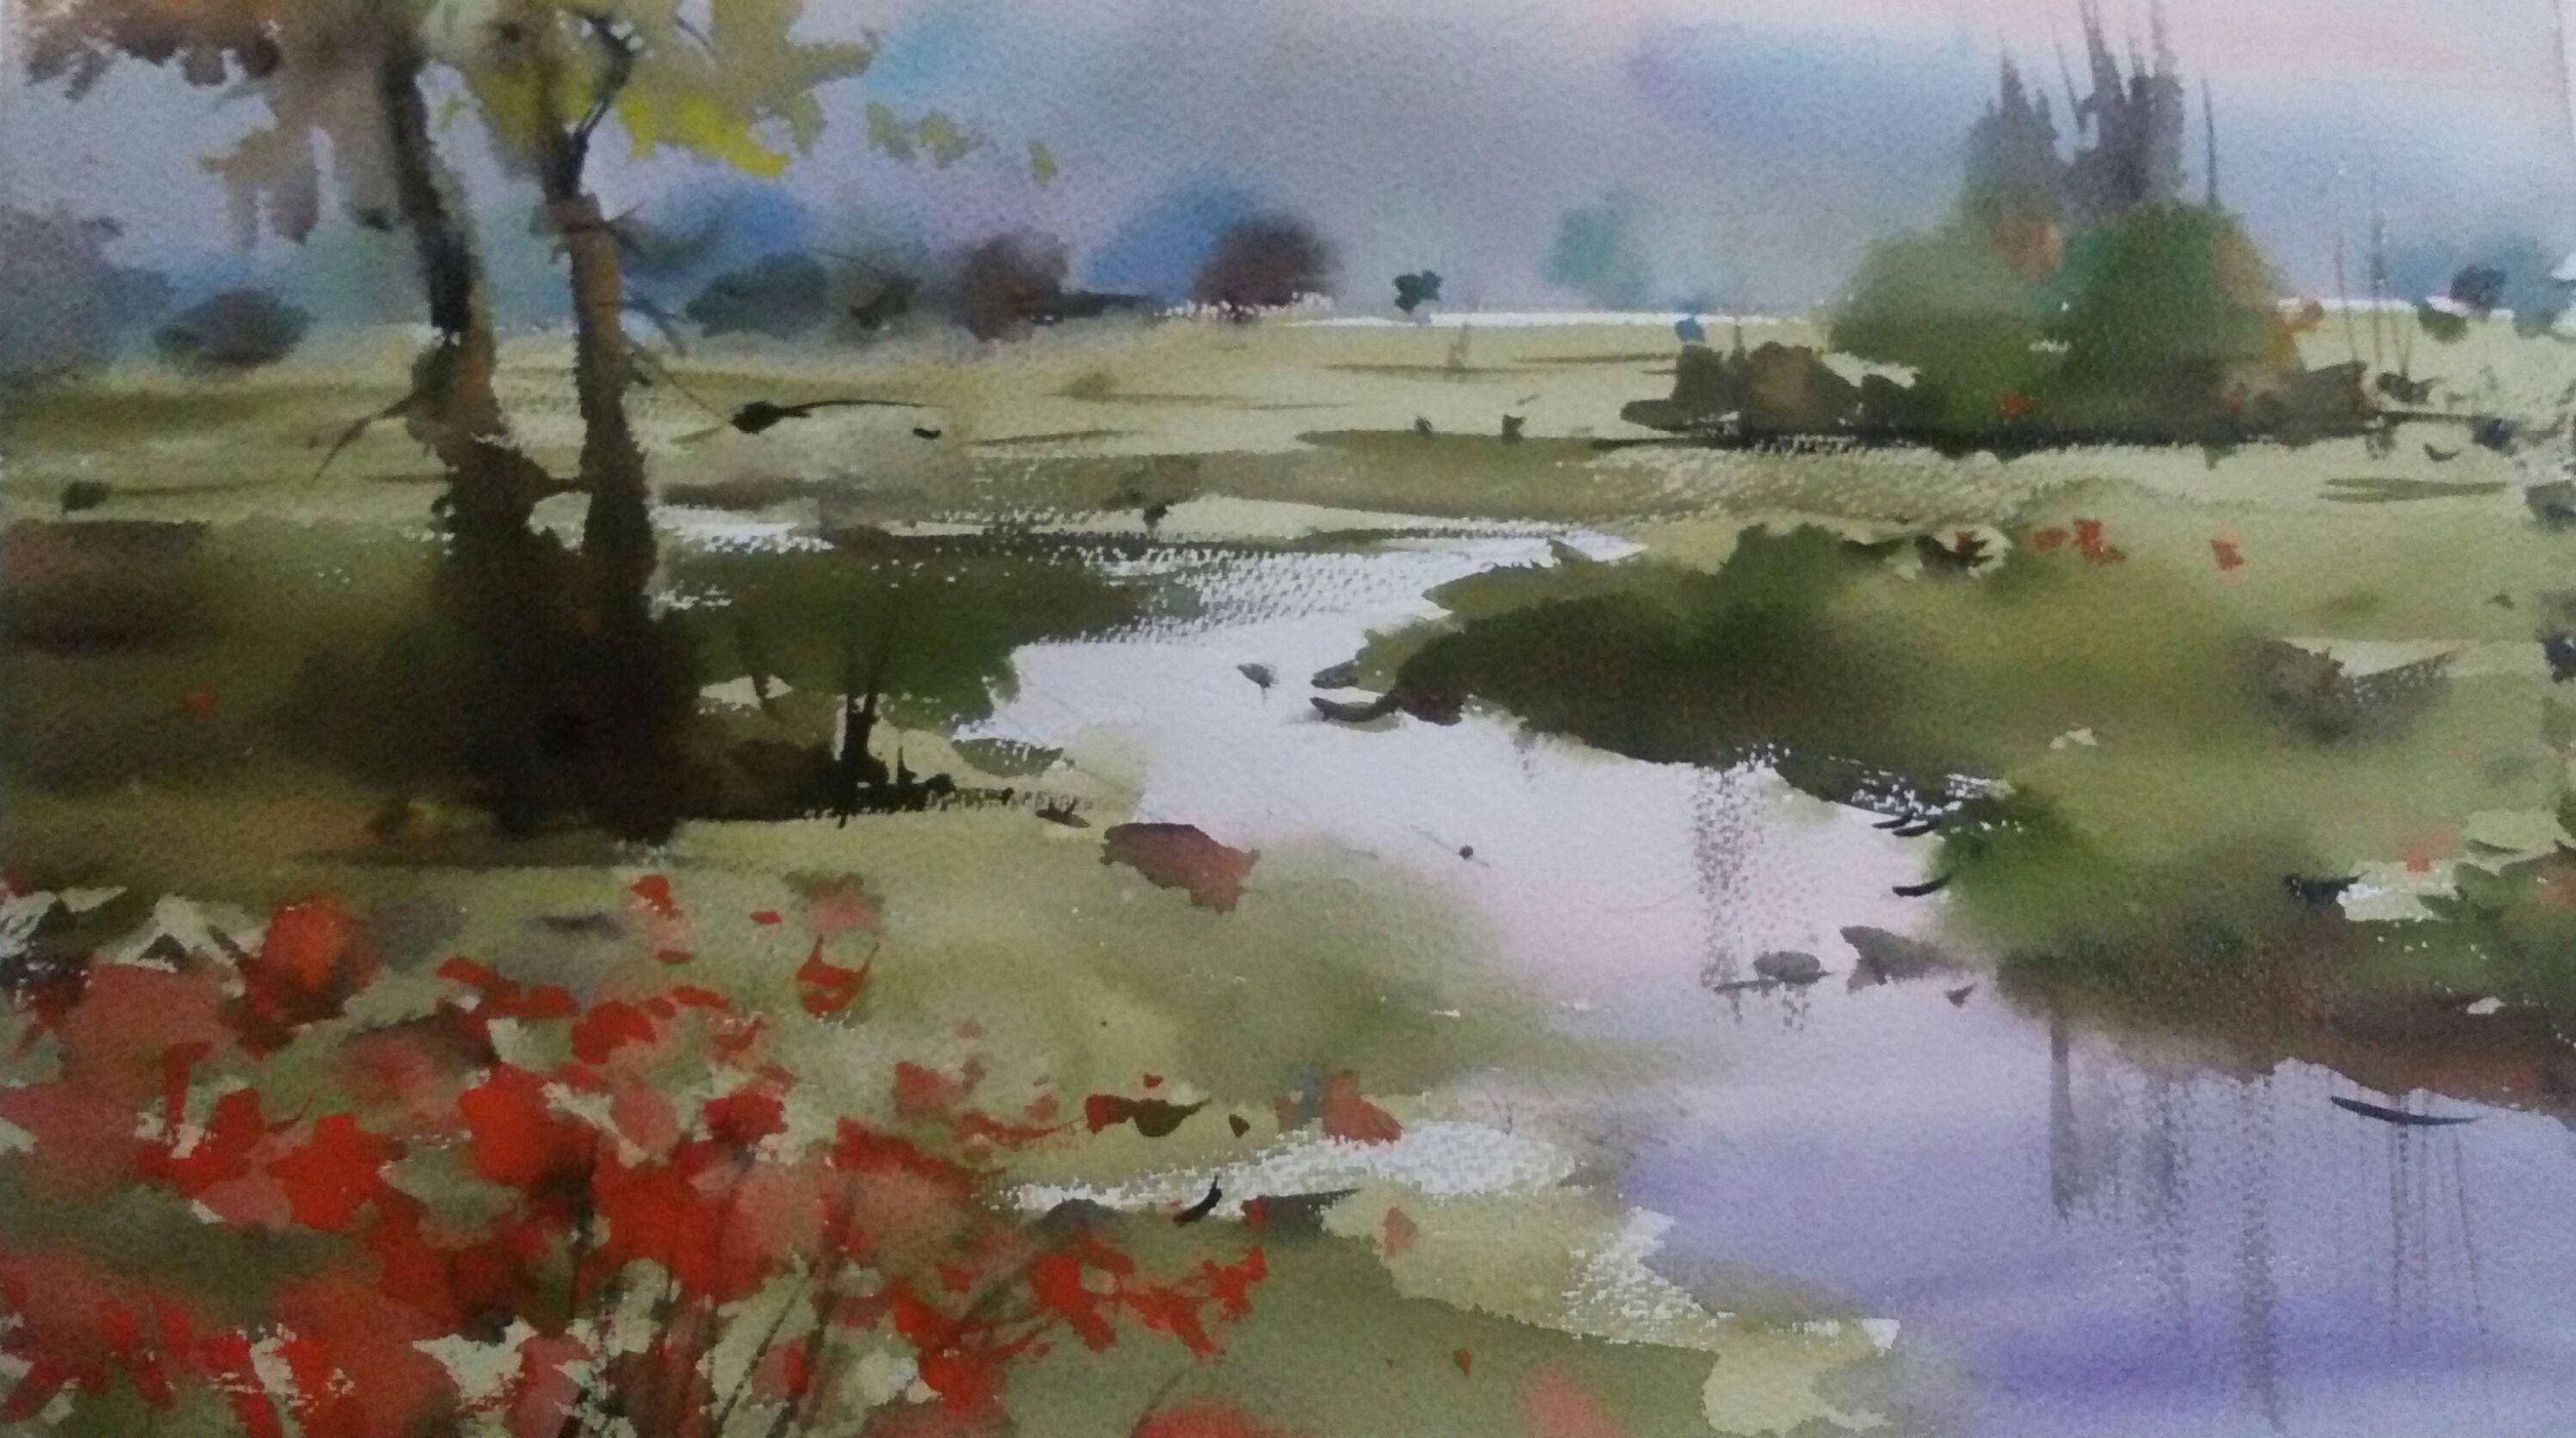 Ilkbahari Ozledik Suluboya Ilkbahar Watercolor Gelincik Spring Poppys Landscape Suluboya Resimler Suluboya Resimler